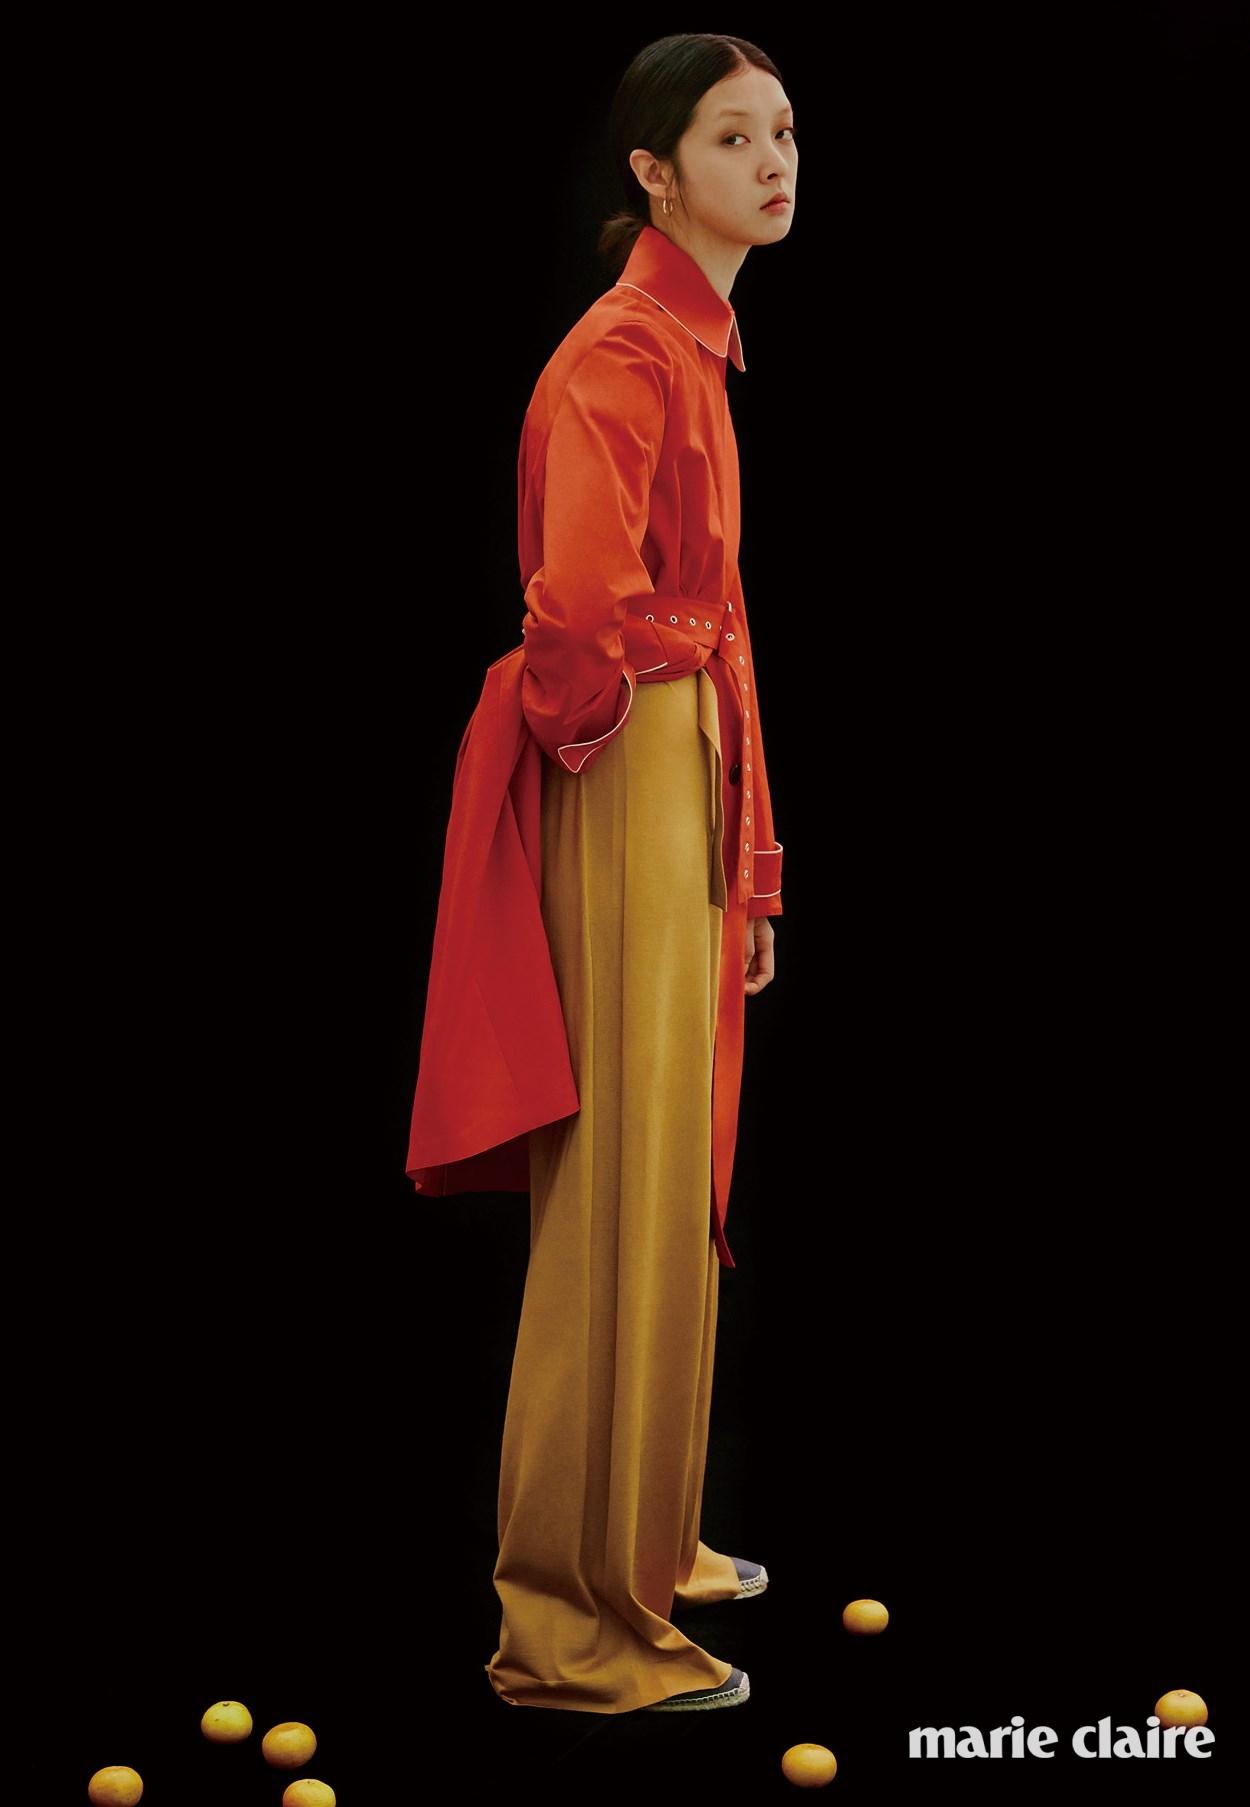 머스터드 컬러 점프수트, 선홍색 트렌치코트, 에스파드리유 플랫 슈즈 모두 가격 미정 에르메스(Hermes).